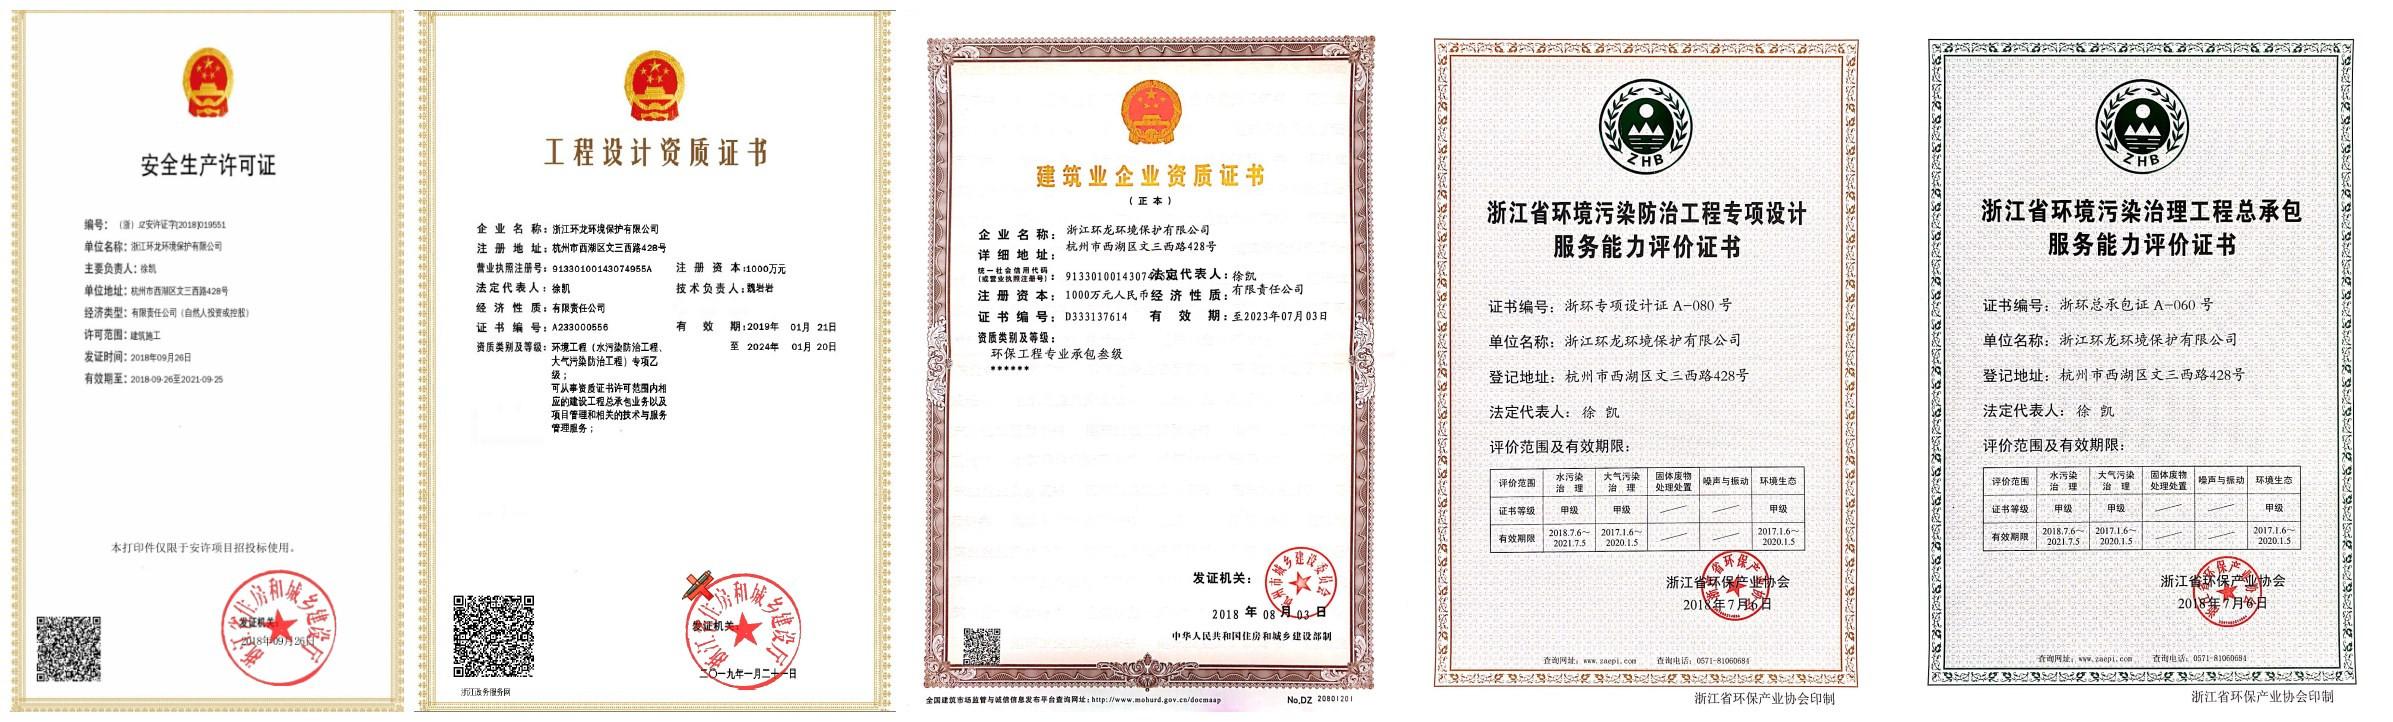 资质图片-证书